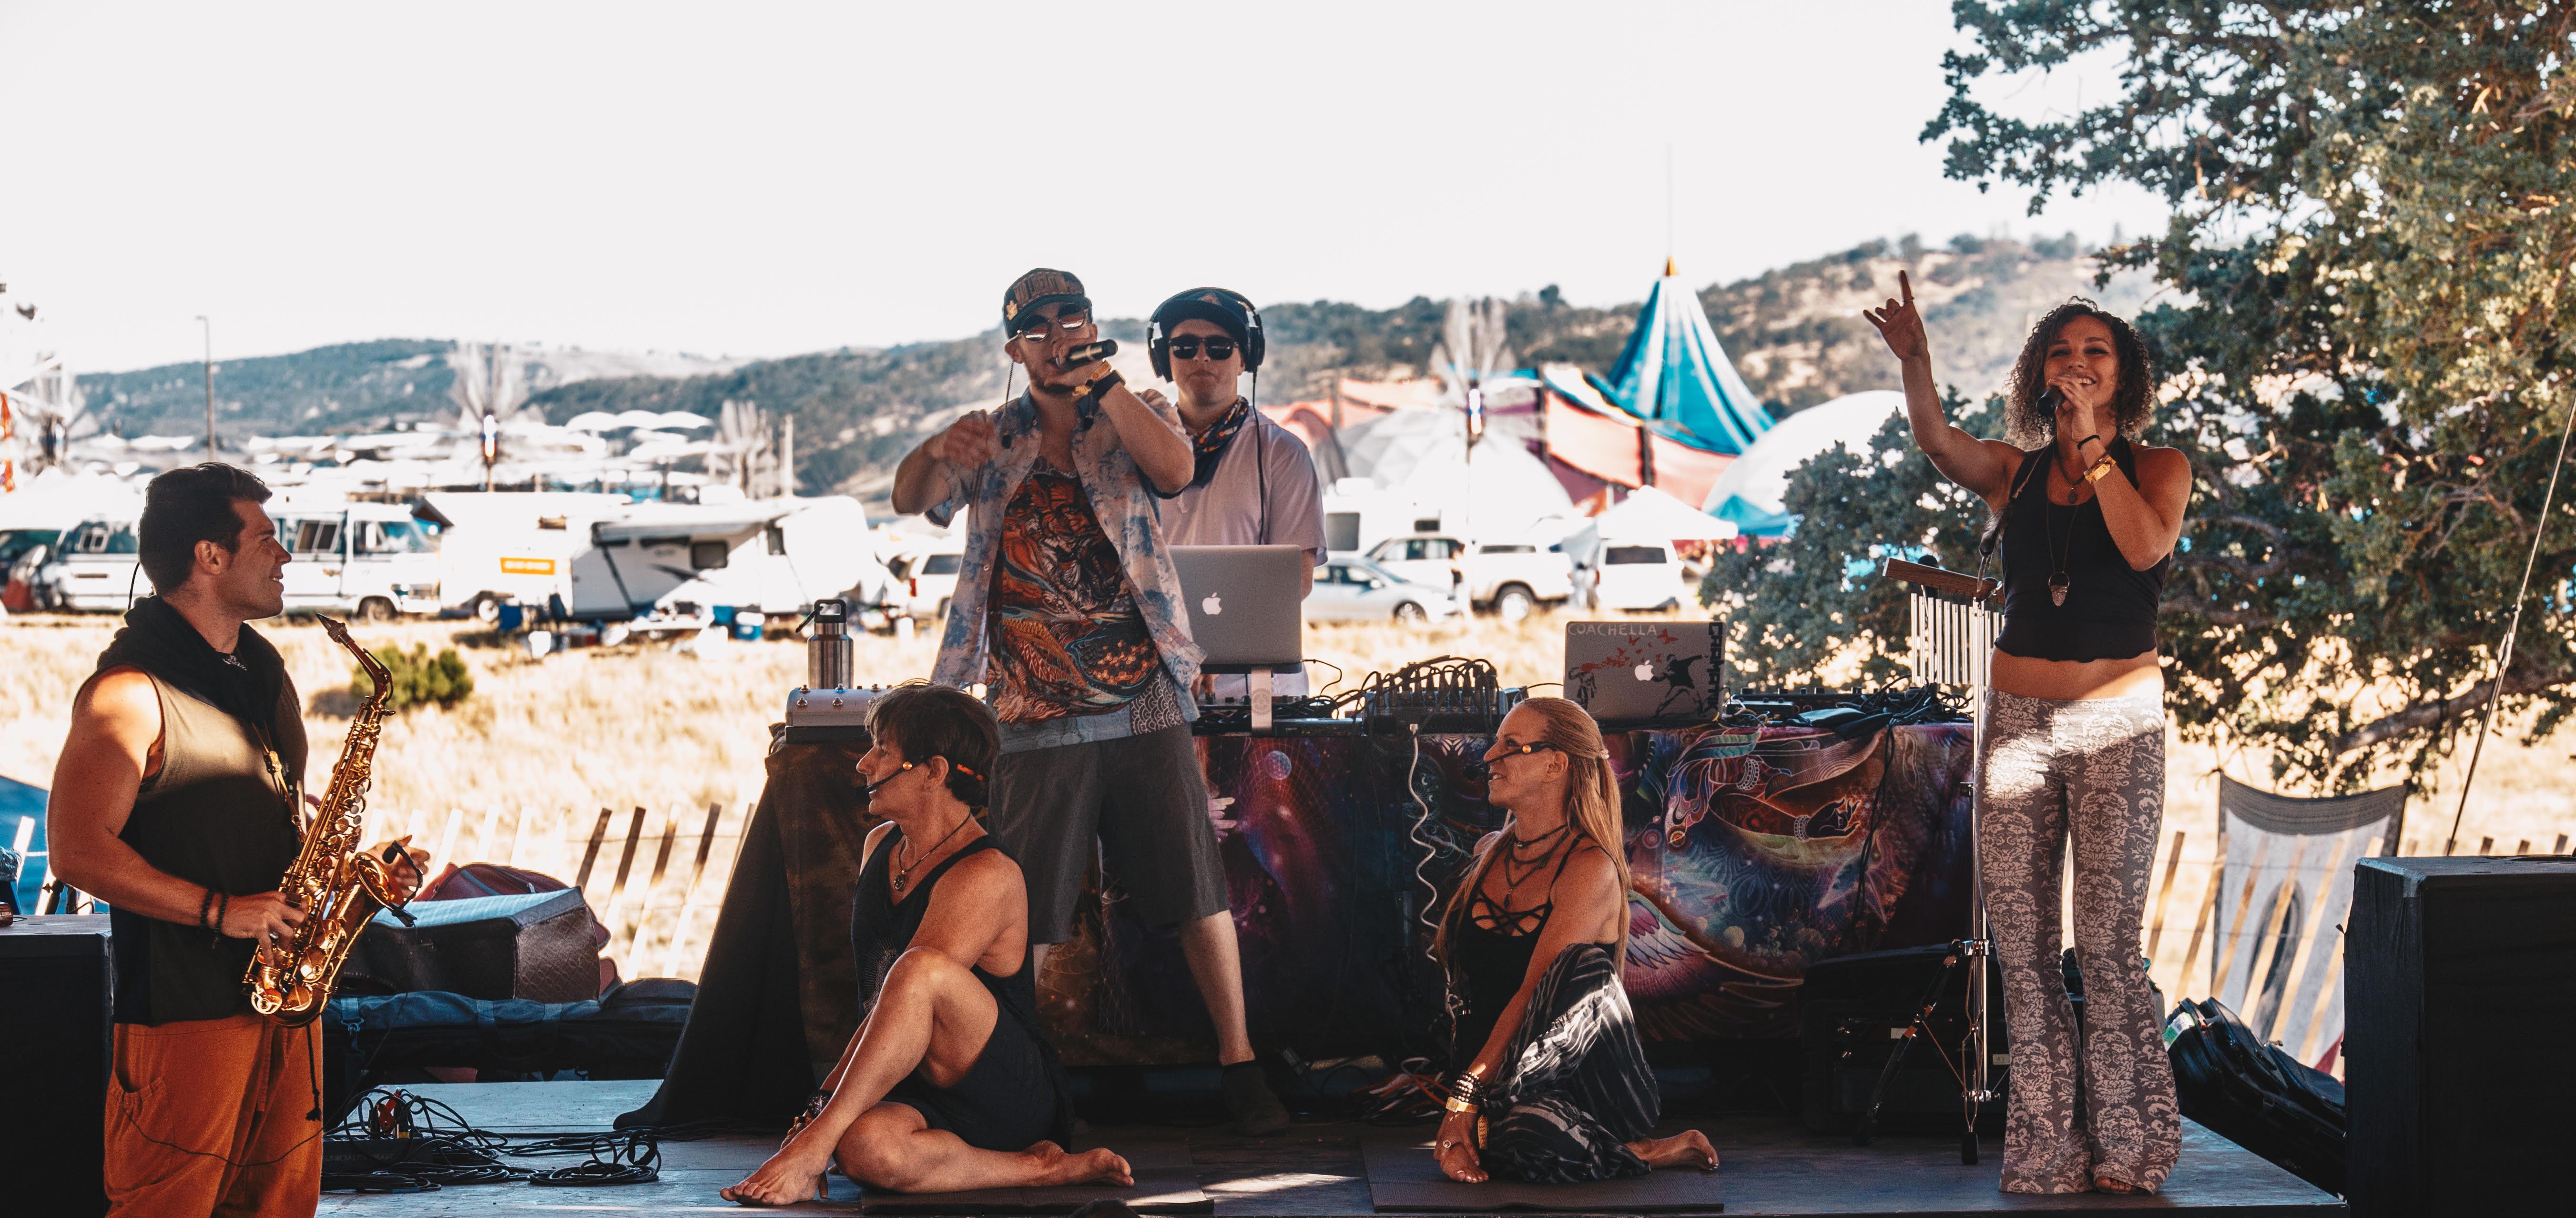 Drishti Beats Promo Pic